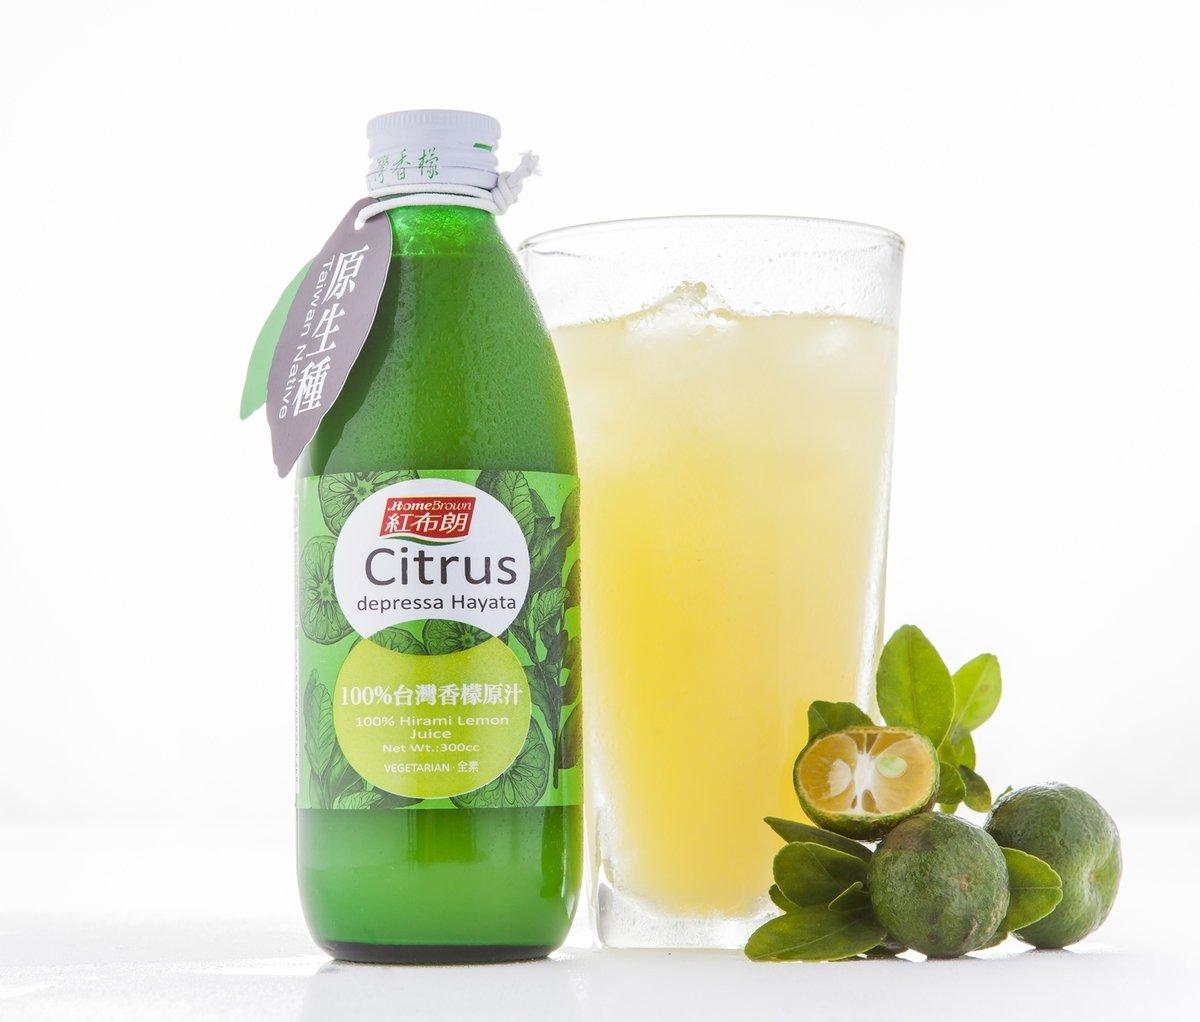 100% 台灣香檬原汁 (原味不加糖)